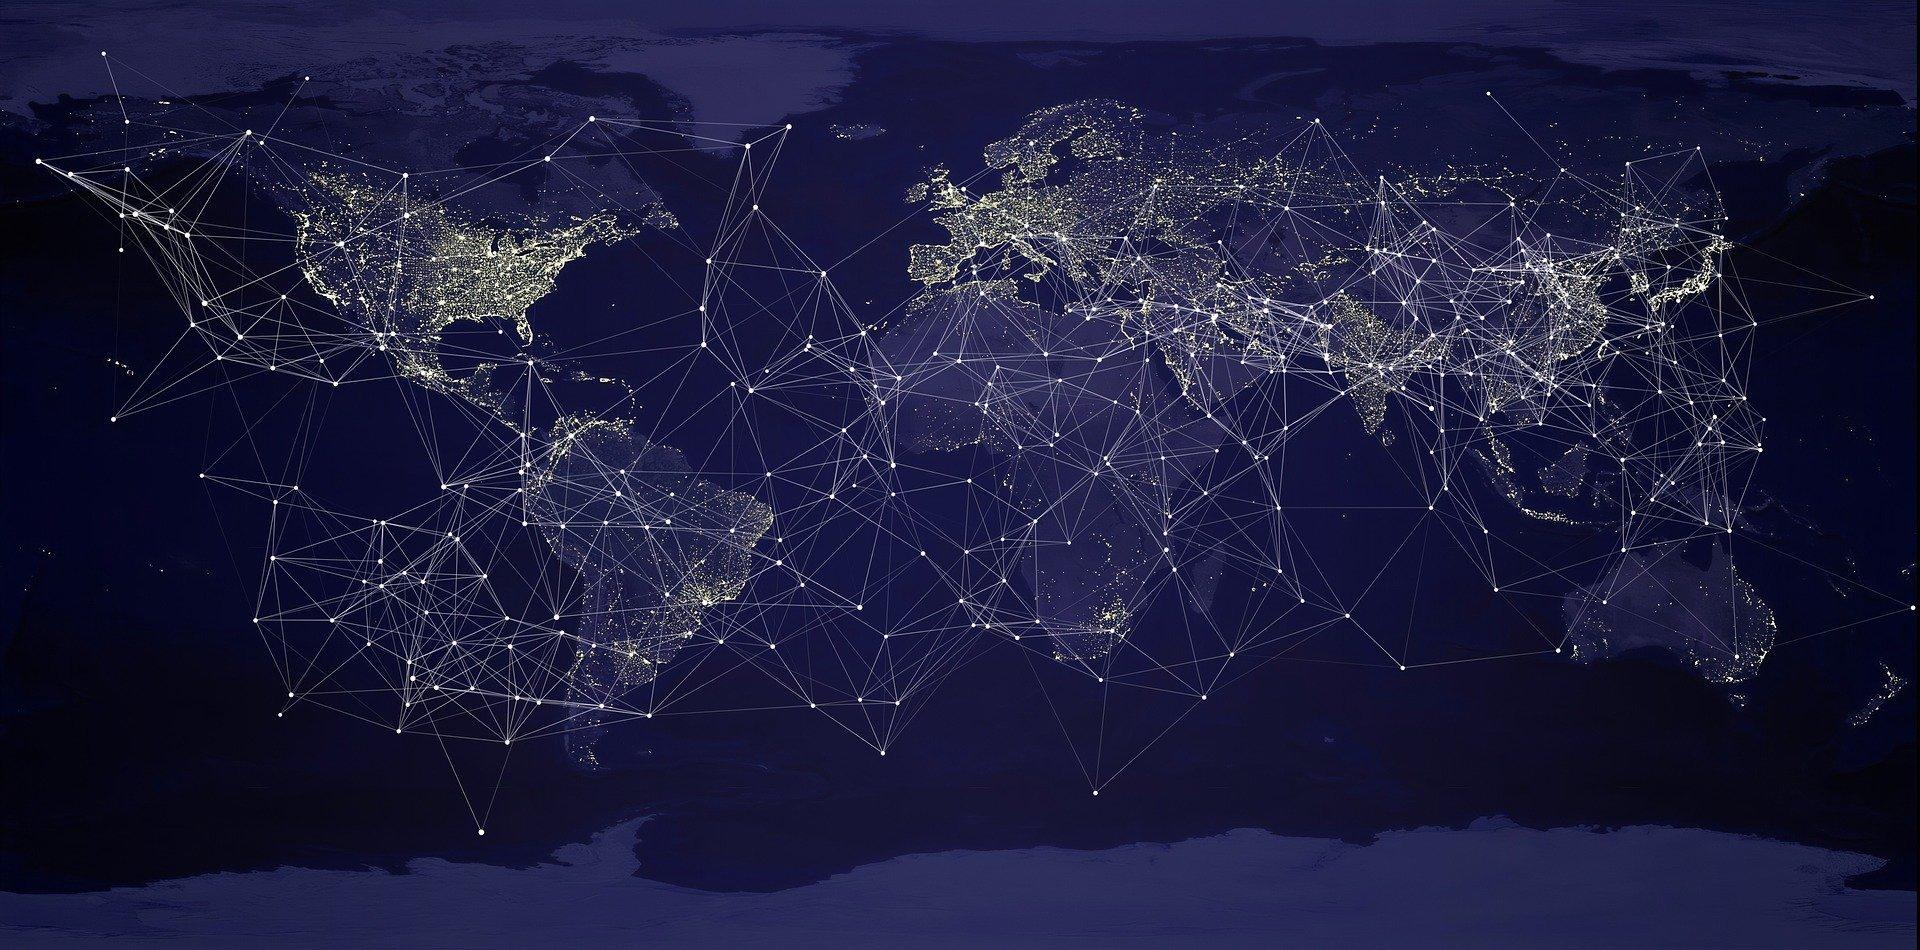 歐洲理事會關於數位接觸者追蹤的聯合聲明